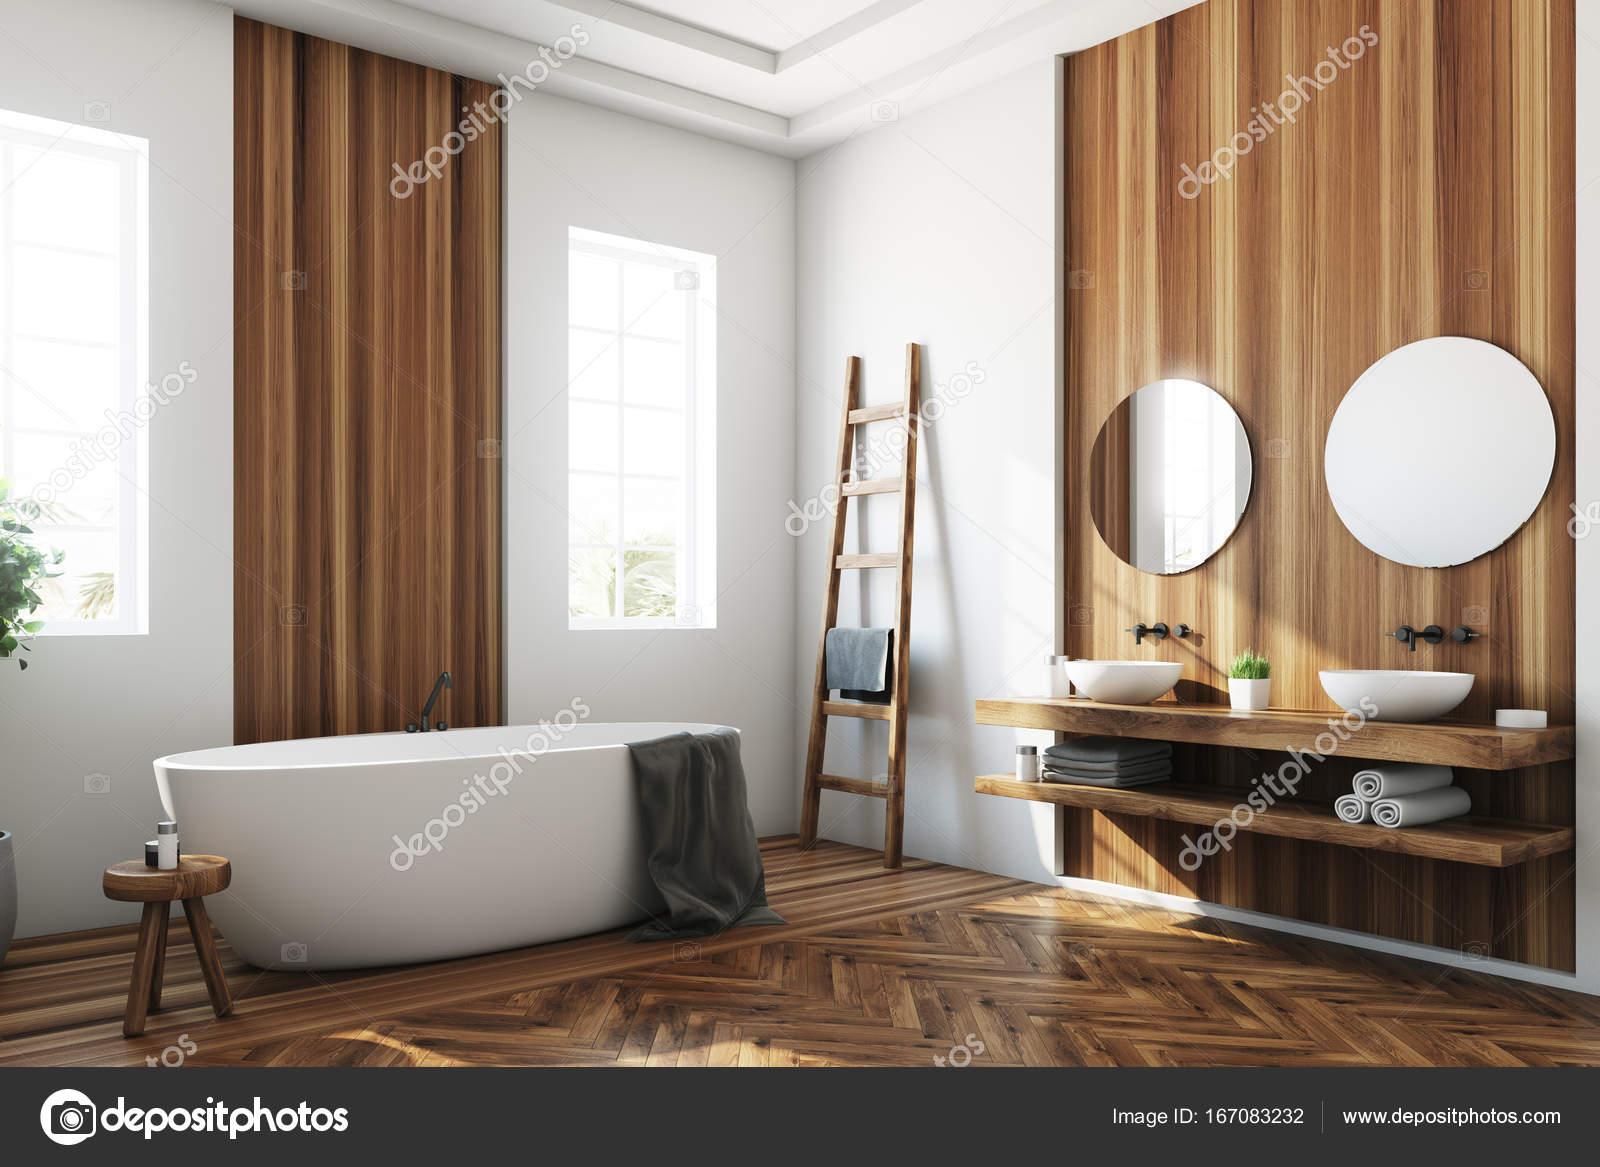 Bagno Legno Bianco : Lato vasca bagno bianco e legno bianco u foto stock